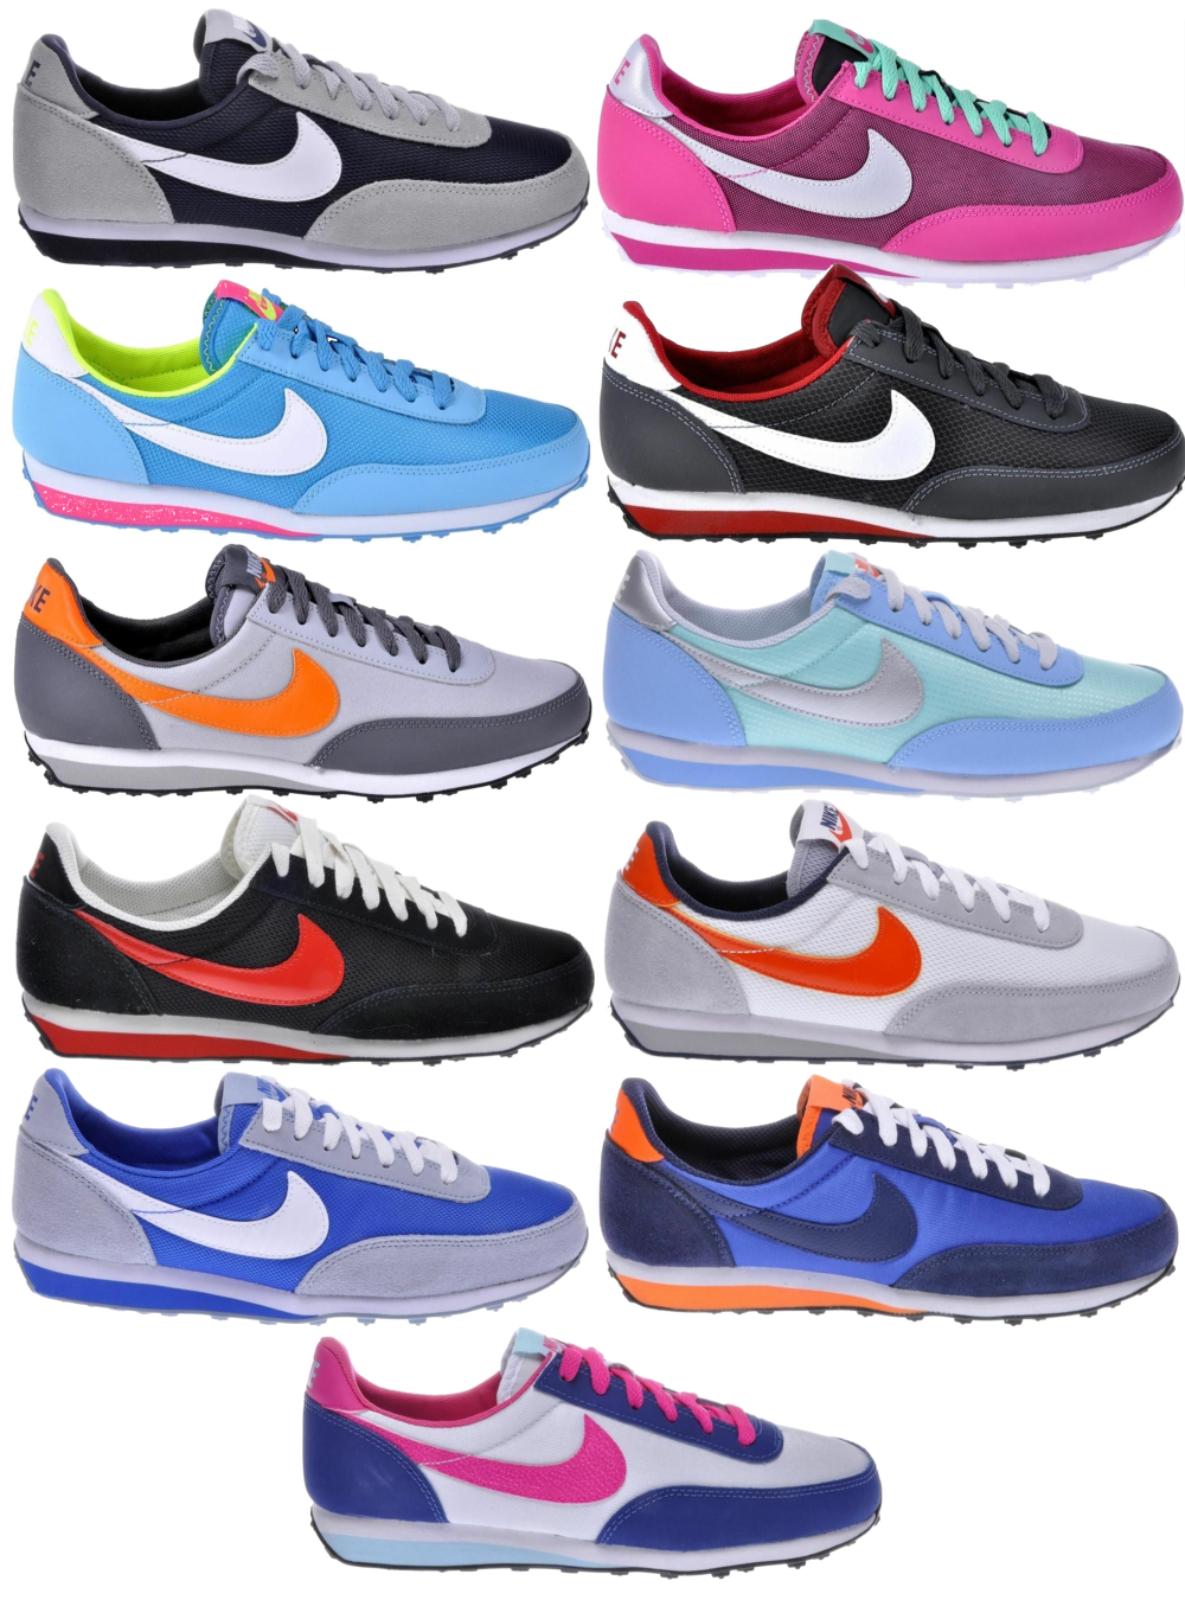 Nike Elite GS cortos cortos cortos señora zapatillas calzado deportivo New top premium  wholesape barato